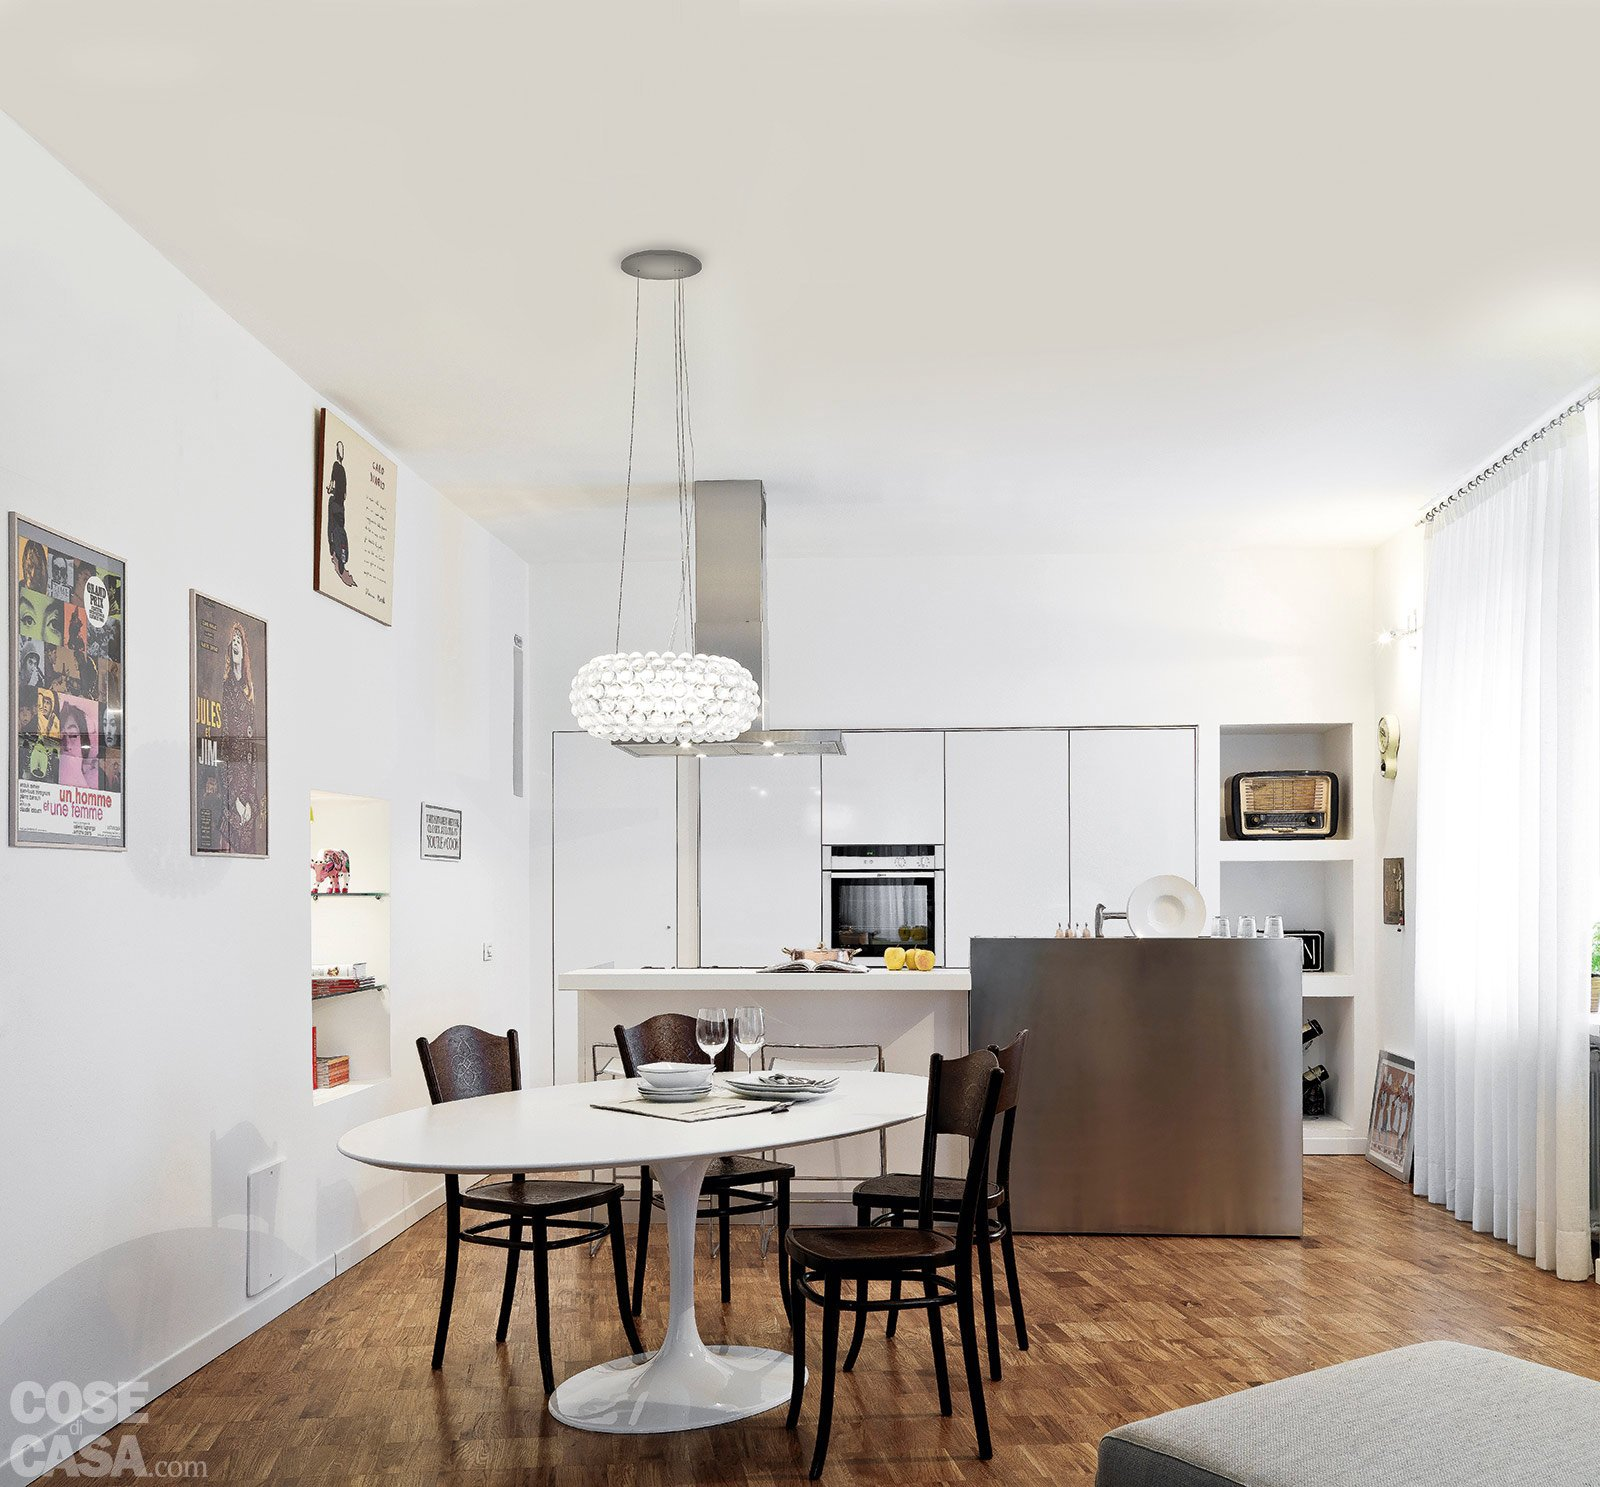 74 mq moltiplicati e ottimizzati cose di casa - Sala cucina 25 mq ...